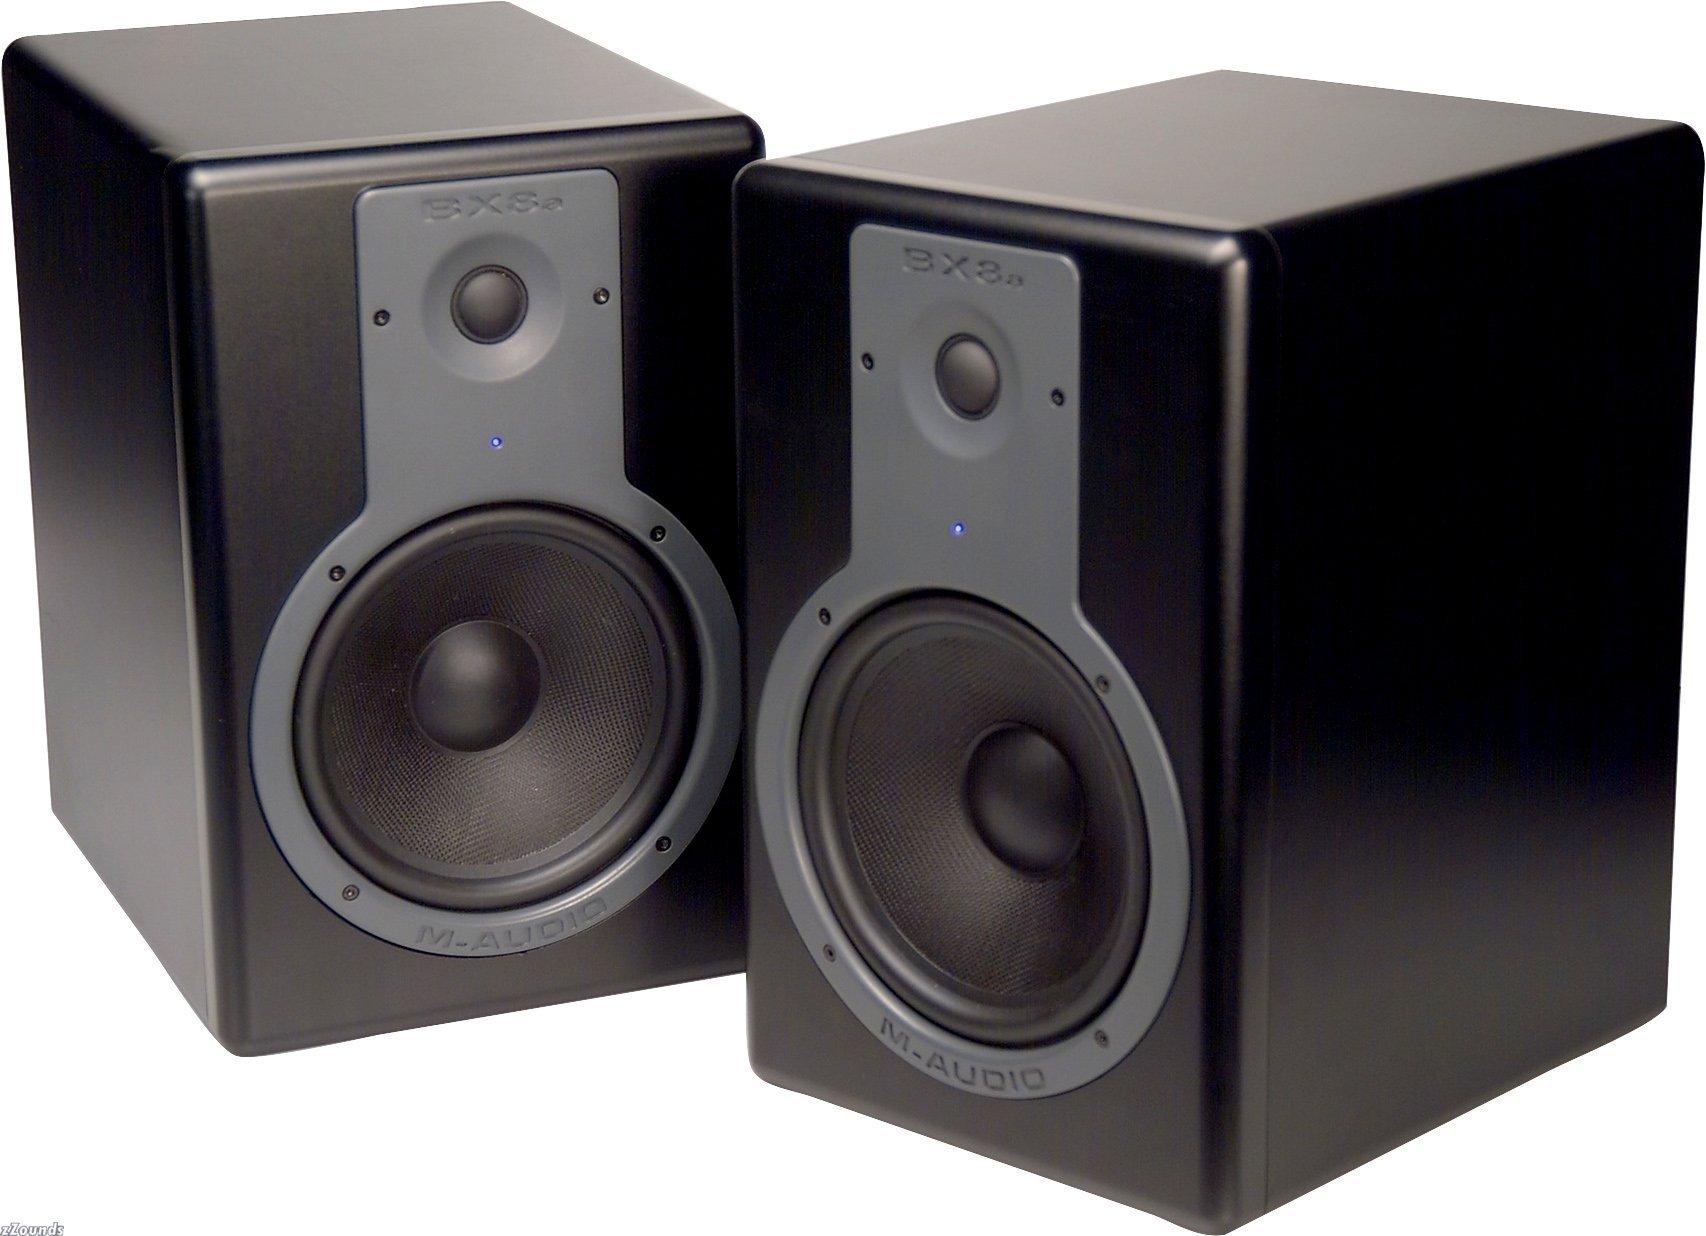 Акустическая система «Агент лицензии» профессиональный m-audio bx8a мониторные динамики